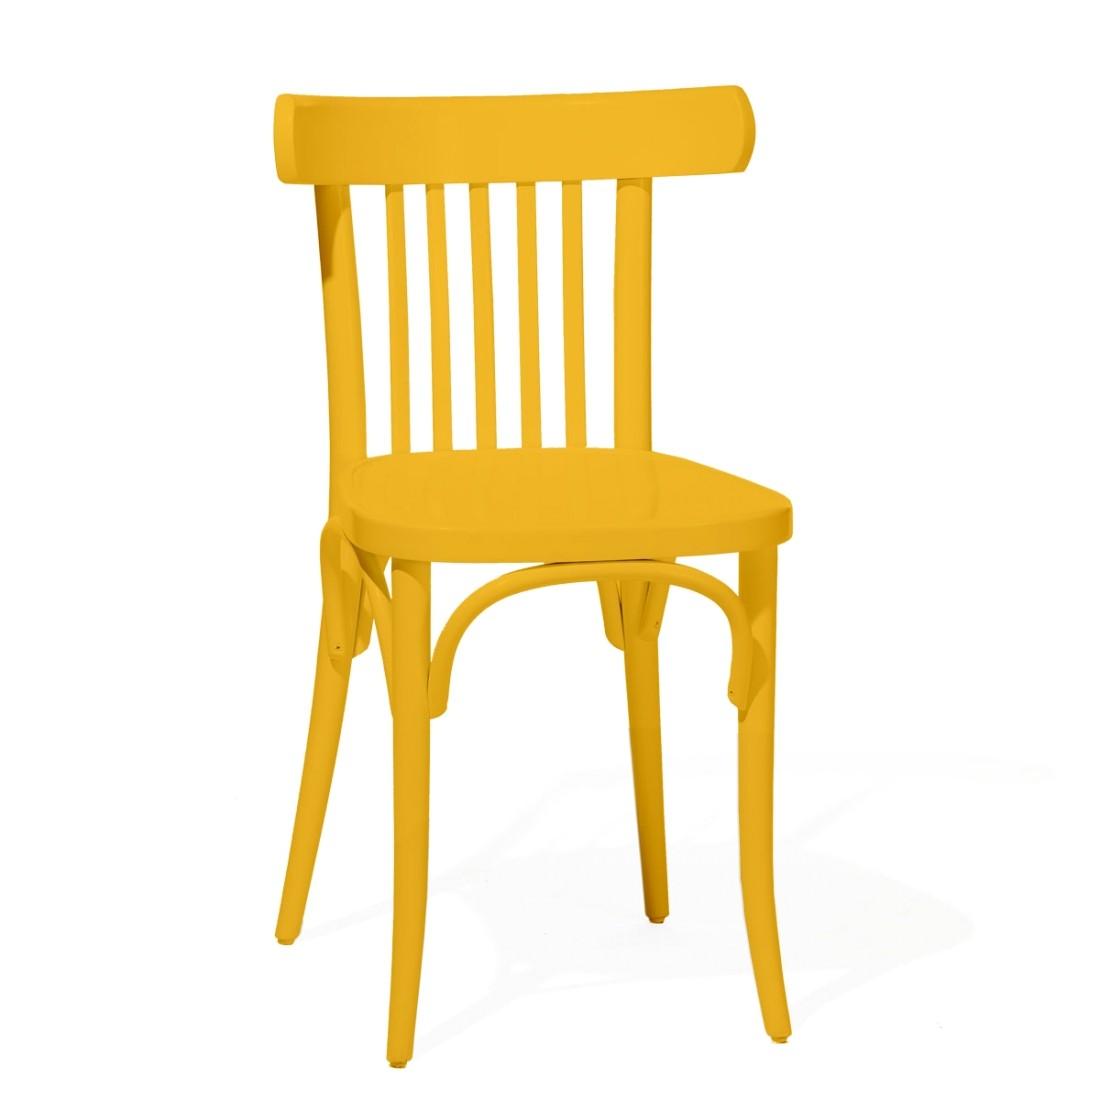 chaises bistrot bois ton 763 random bar cuisine avec rangement table best de idees et haute 2017 photo 2000x2000px 6